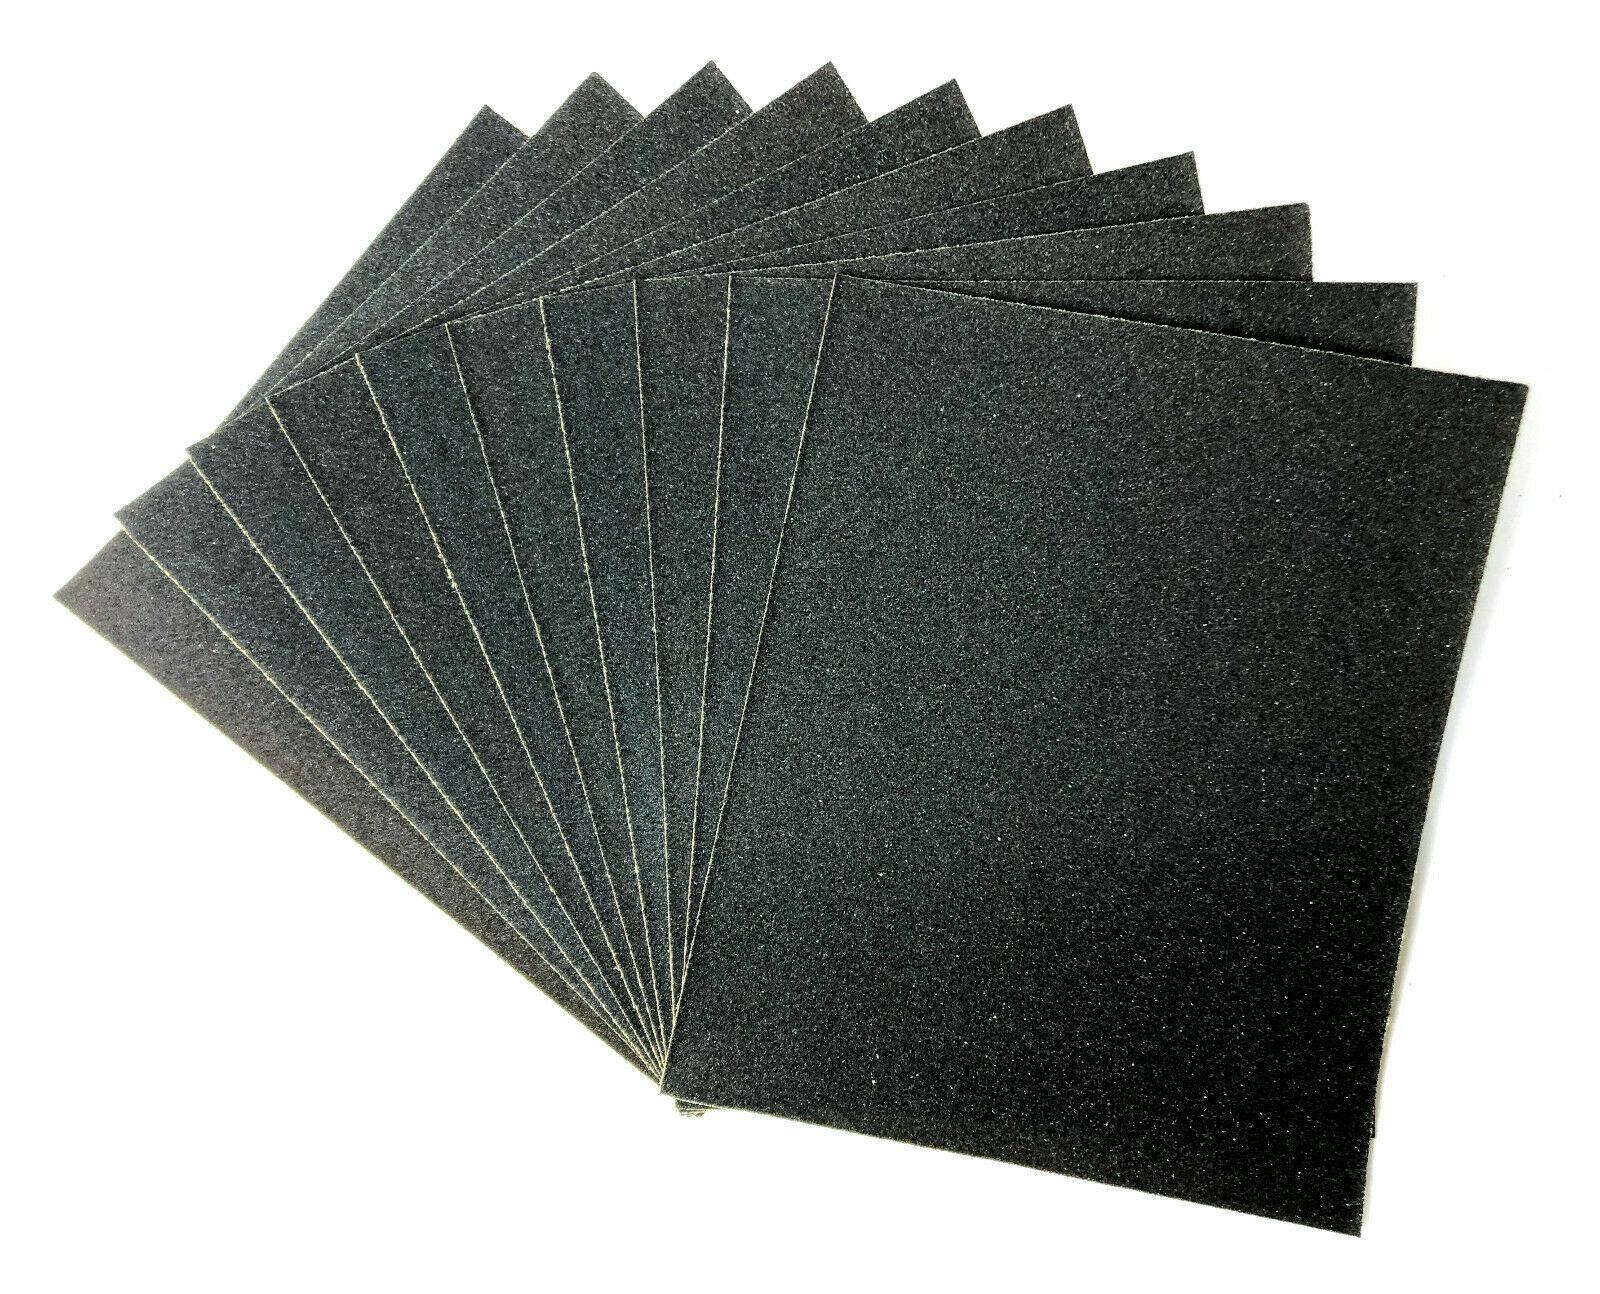 10 Blatt Schleifpapier Bogen 230 x 280 mm nassfest für Holz und Metall